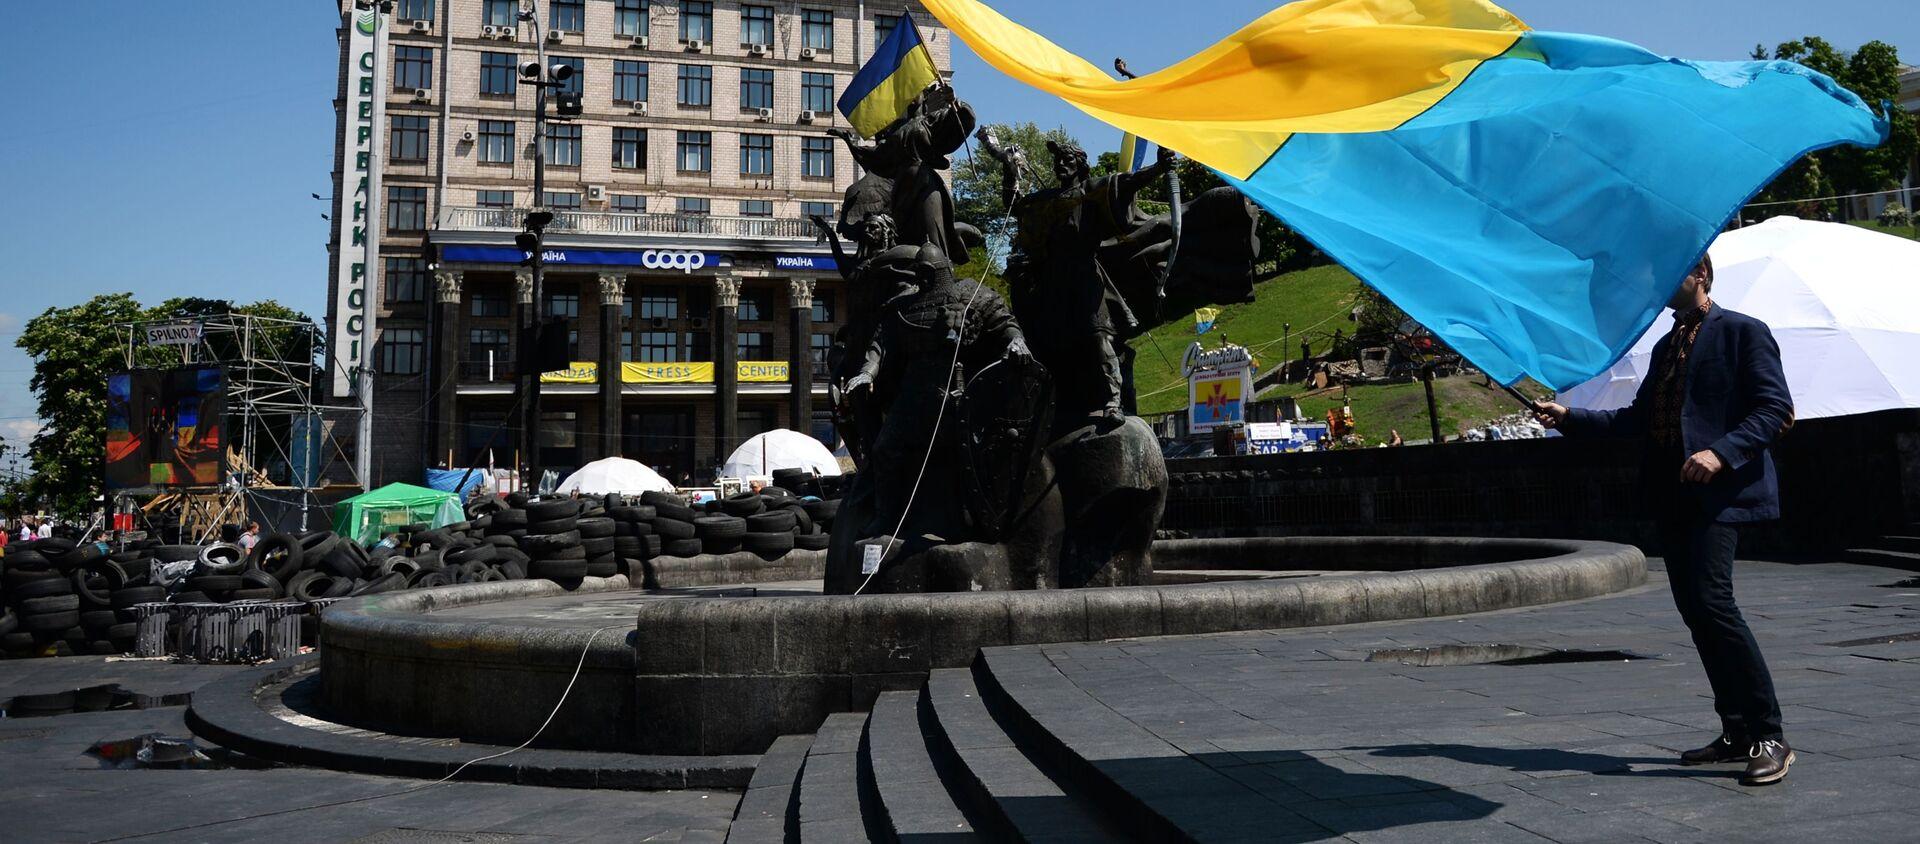 Площадь Независимости в Киеве - Sputnik Абхазия, 1920, 21.12.2020